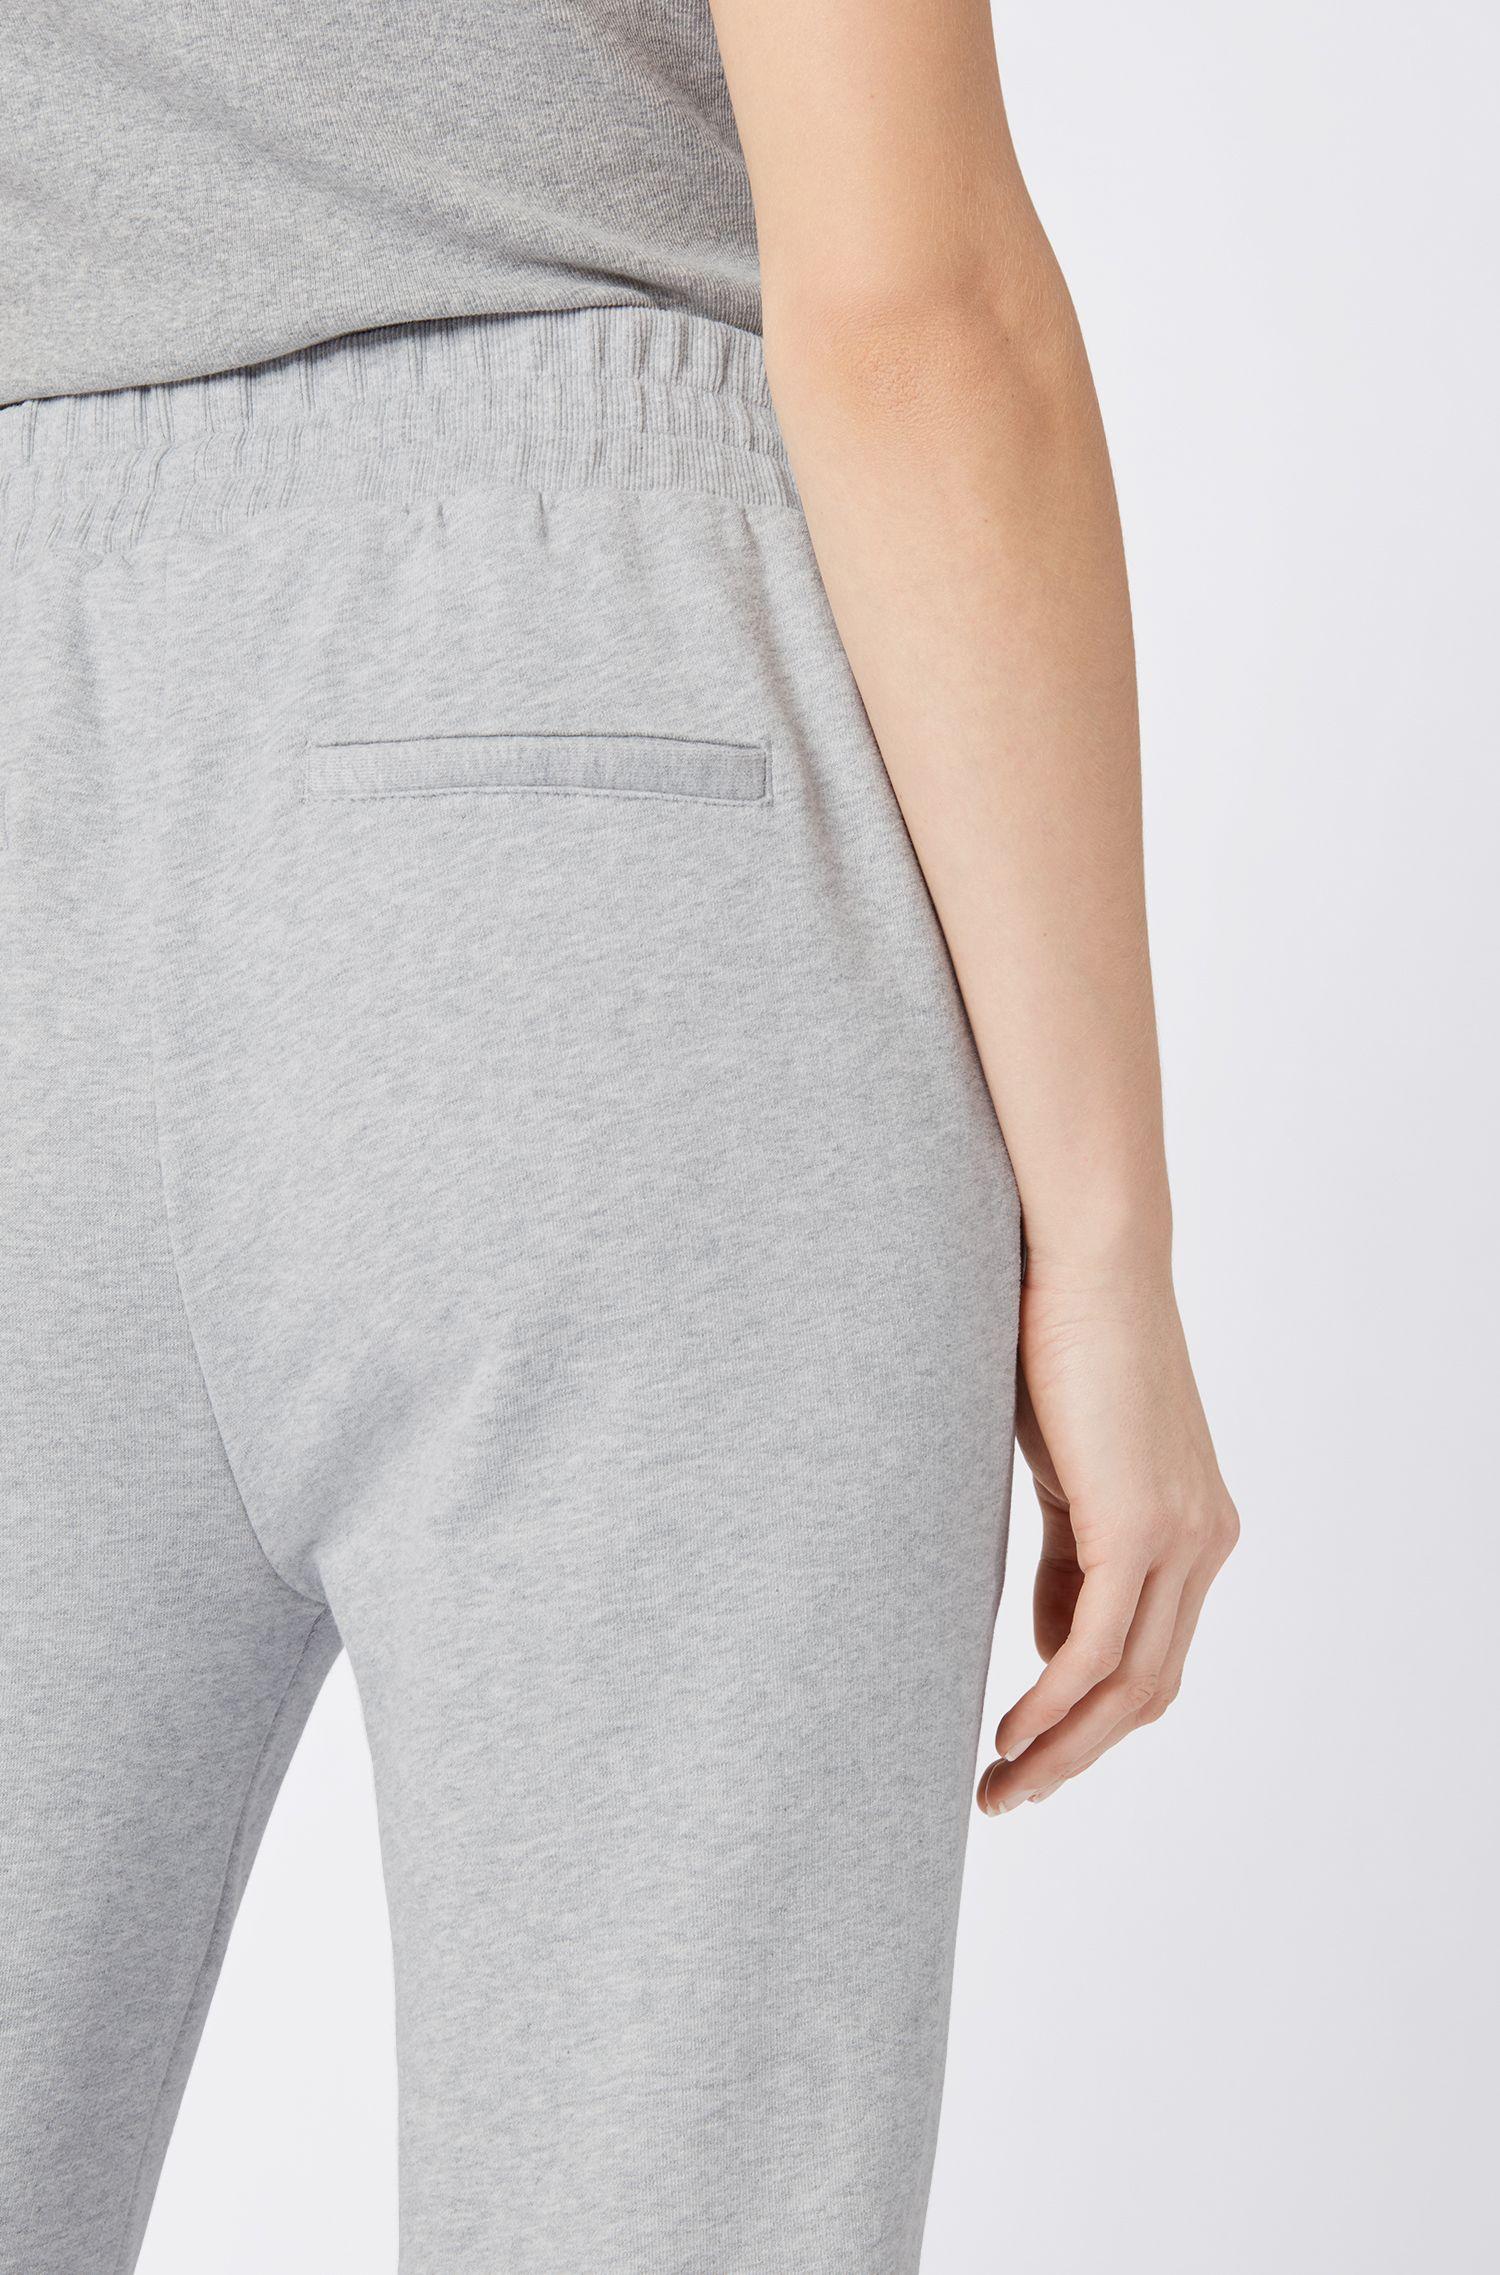 Jersey broek van badstof met beenboorden en verstelbare tailleband, Grijs